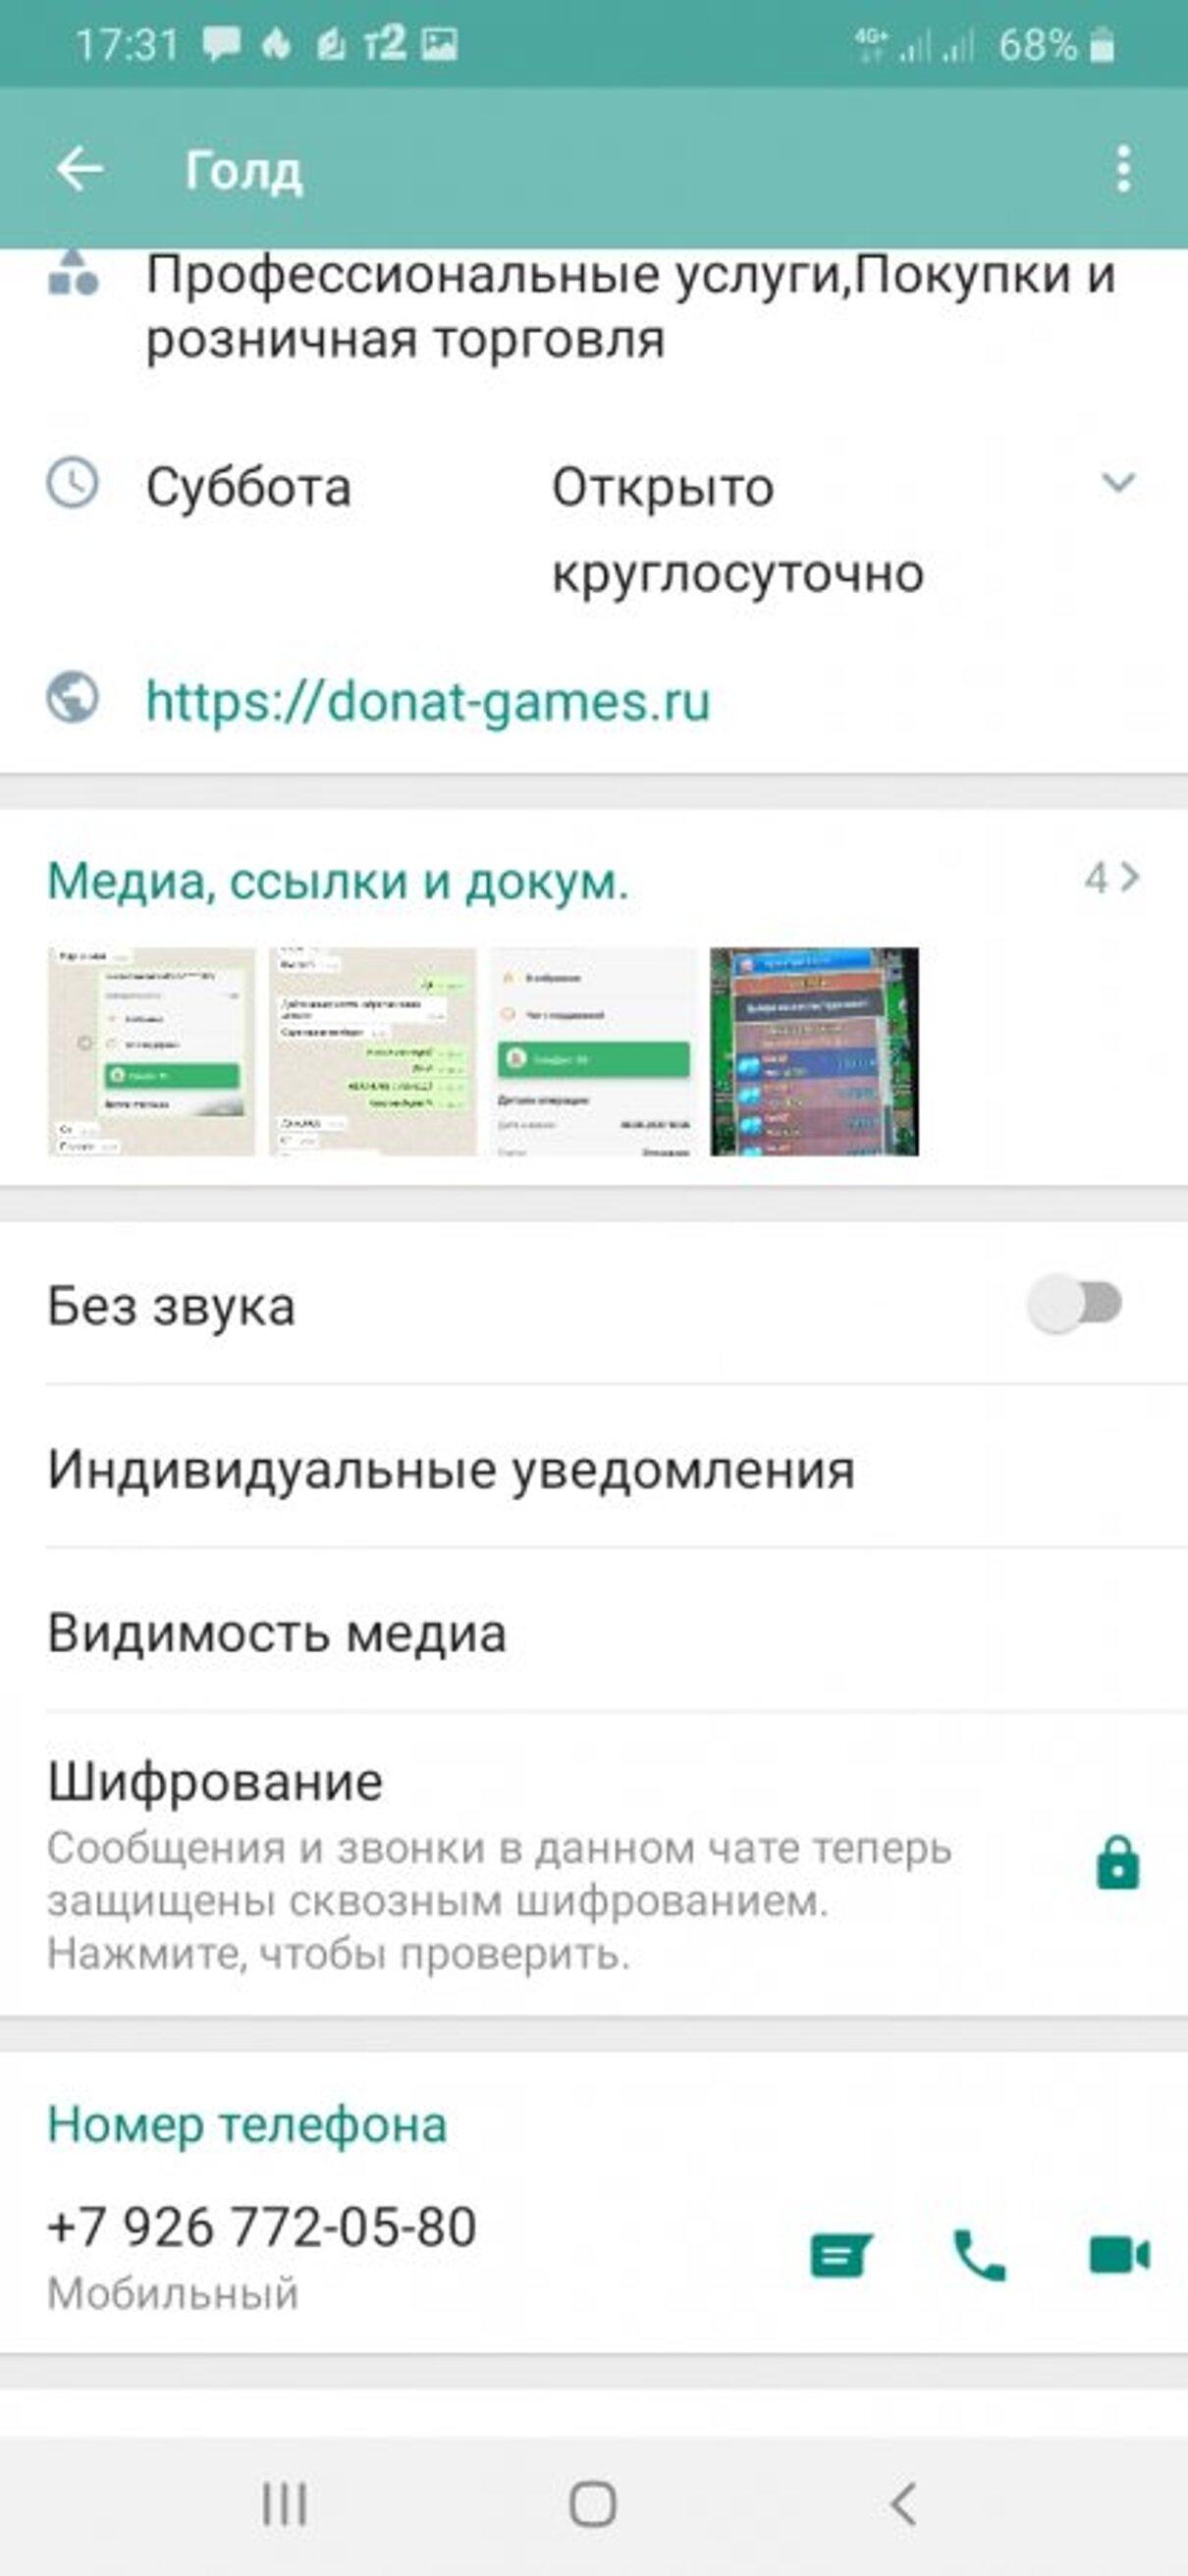 Жалоба-отзыв: Https://donat-games.ru - Мошенники с сайта https://donat-games.ru.  Фото №5